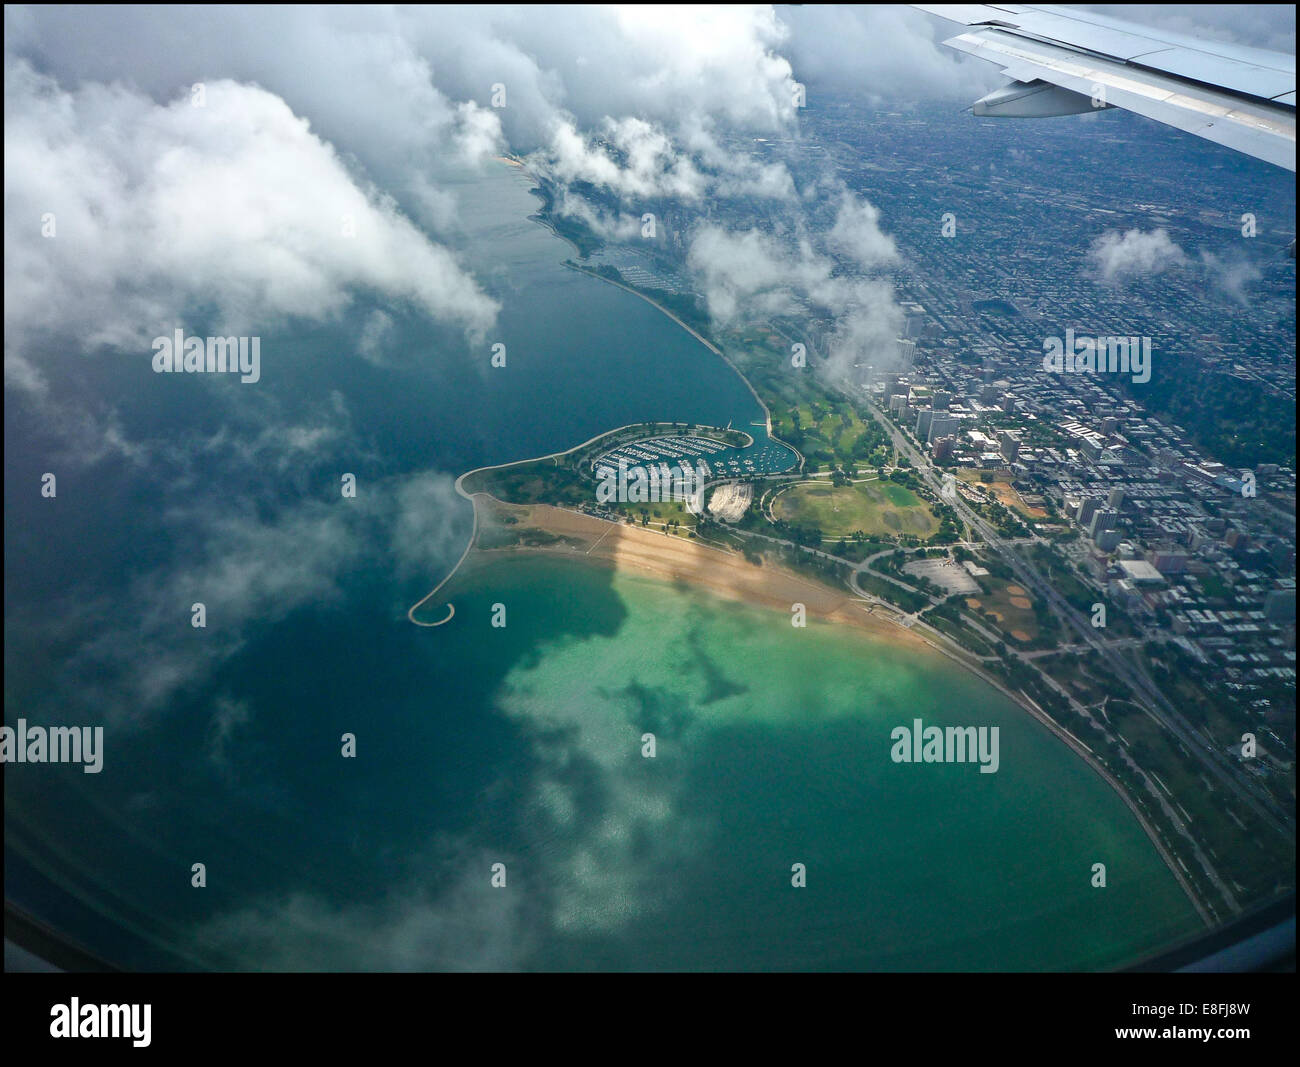 États-unis, Illinois, Chicago, vue aérienne de la ville Photo Stock